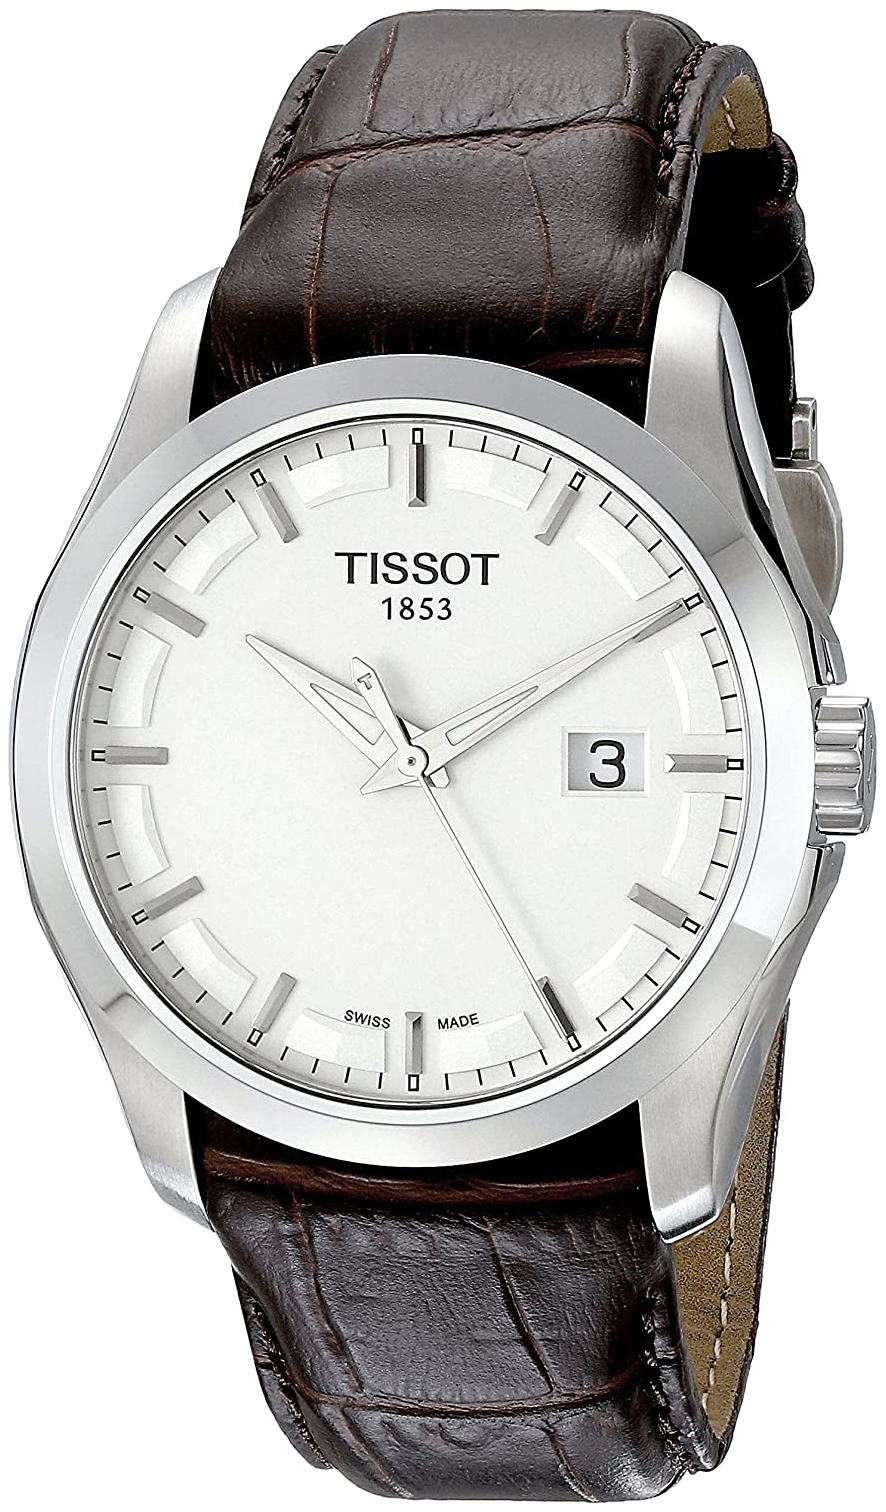 Tissot Herreklokke T035.410.16.031.00 Sølvfarget/Lær Ø39 mm - Tissot